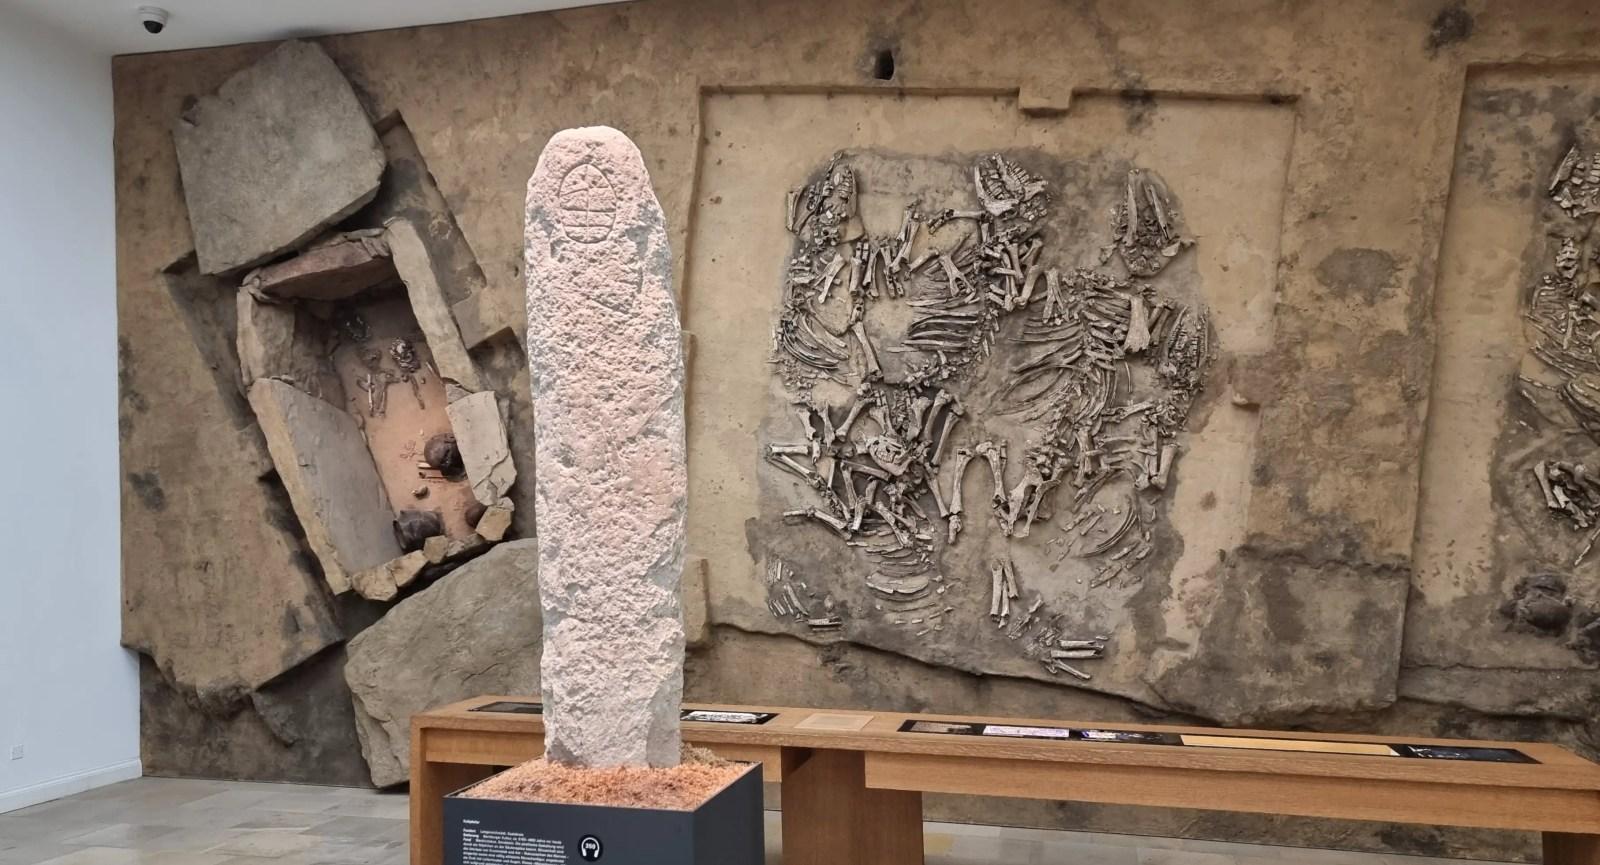 Museum in Halle – So spannend kann ein archäologisches Museum sein